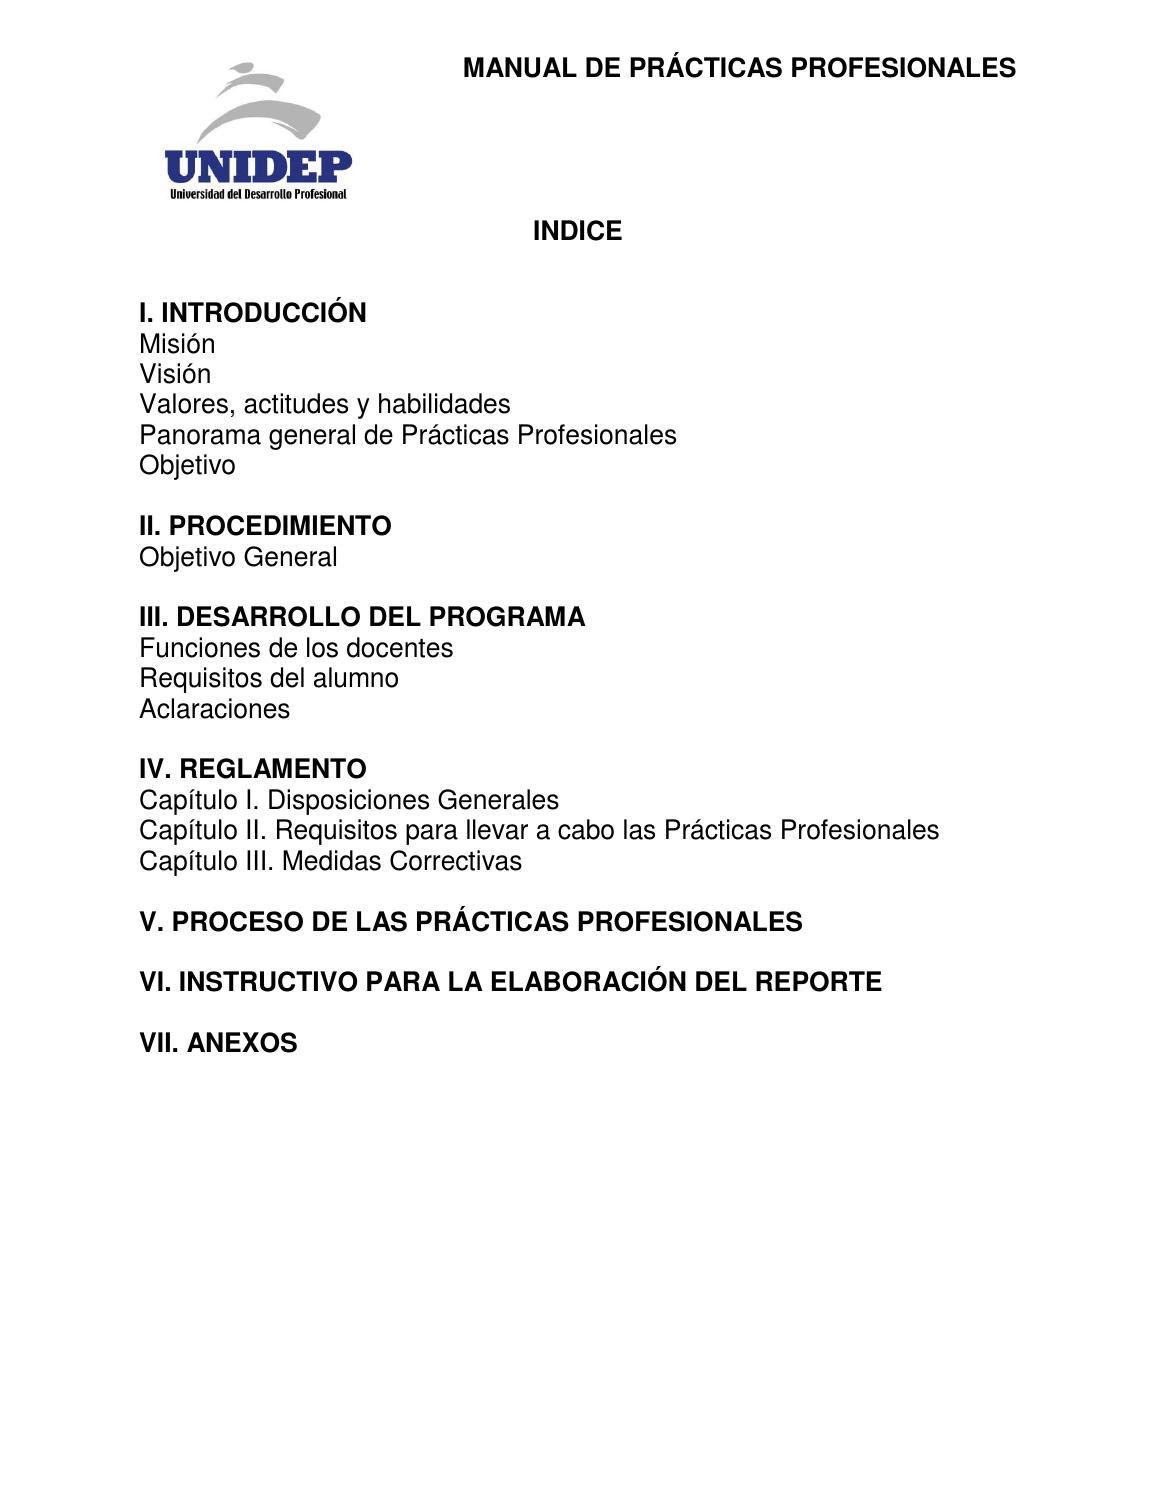 Manual de Prácticas Profesionales by Universidad del Desarrollo ...